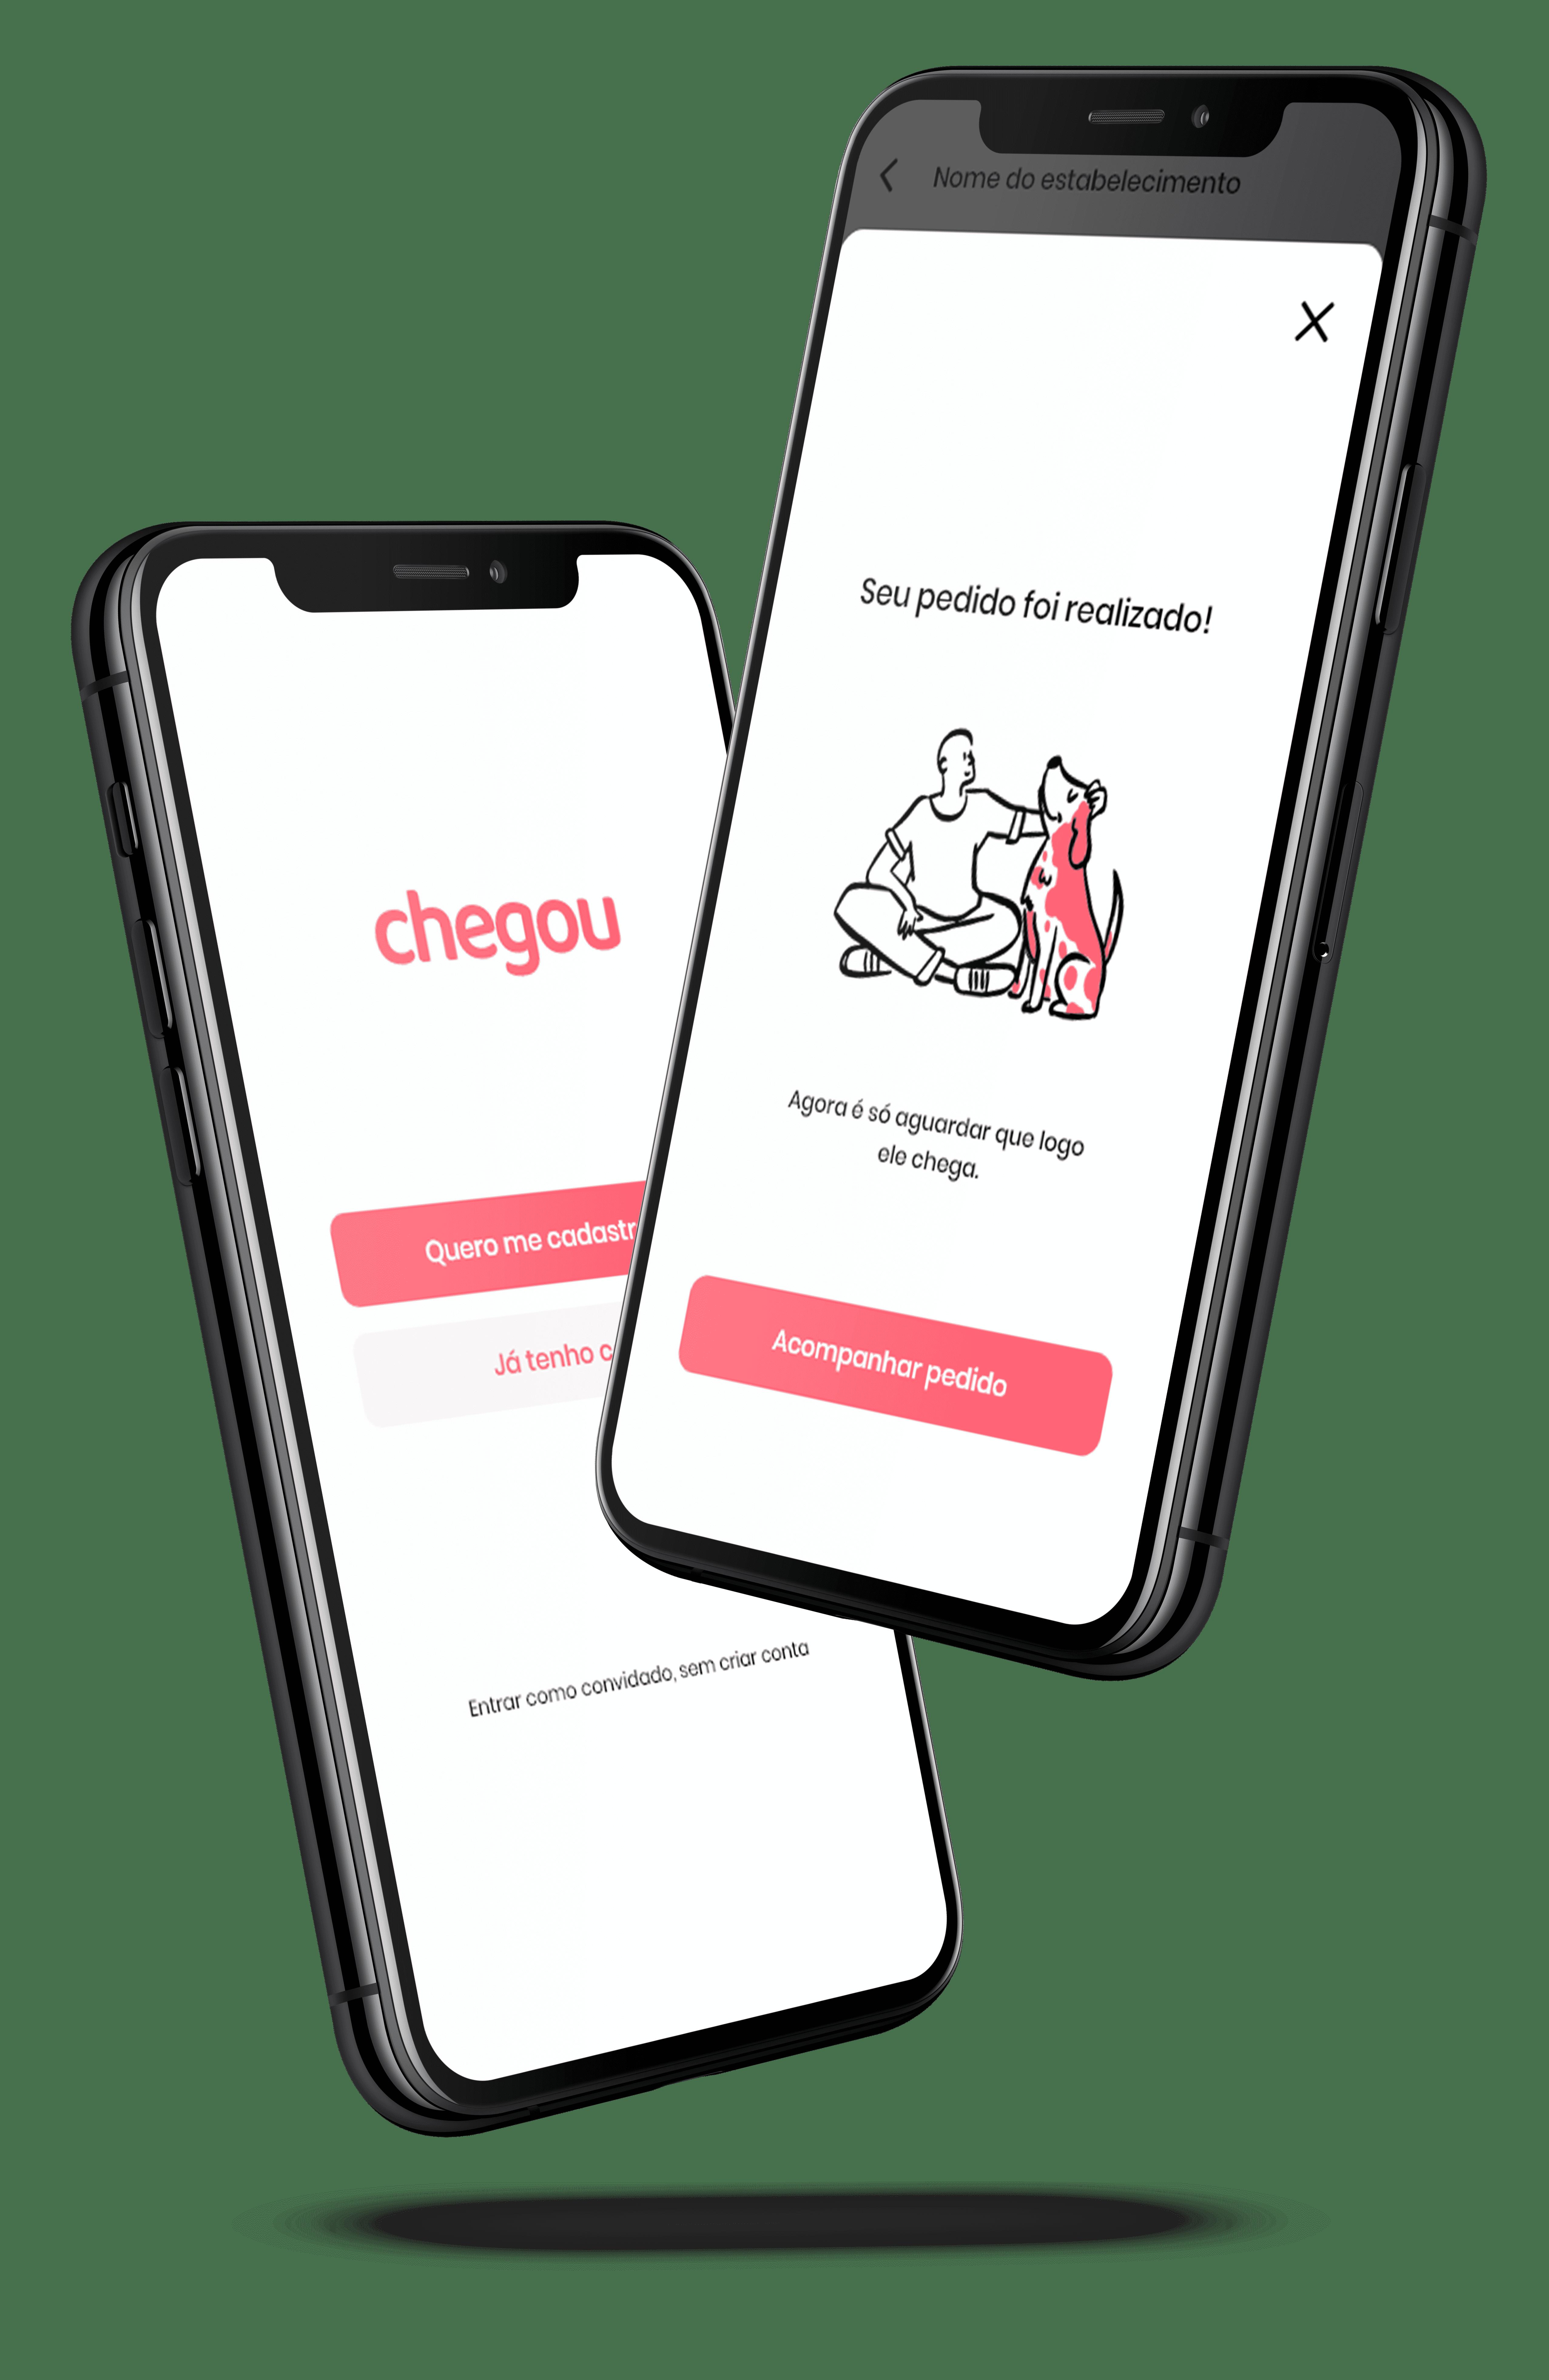 Mockup celulares Chegou